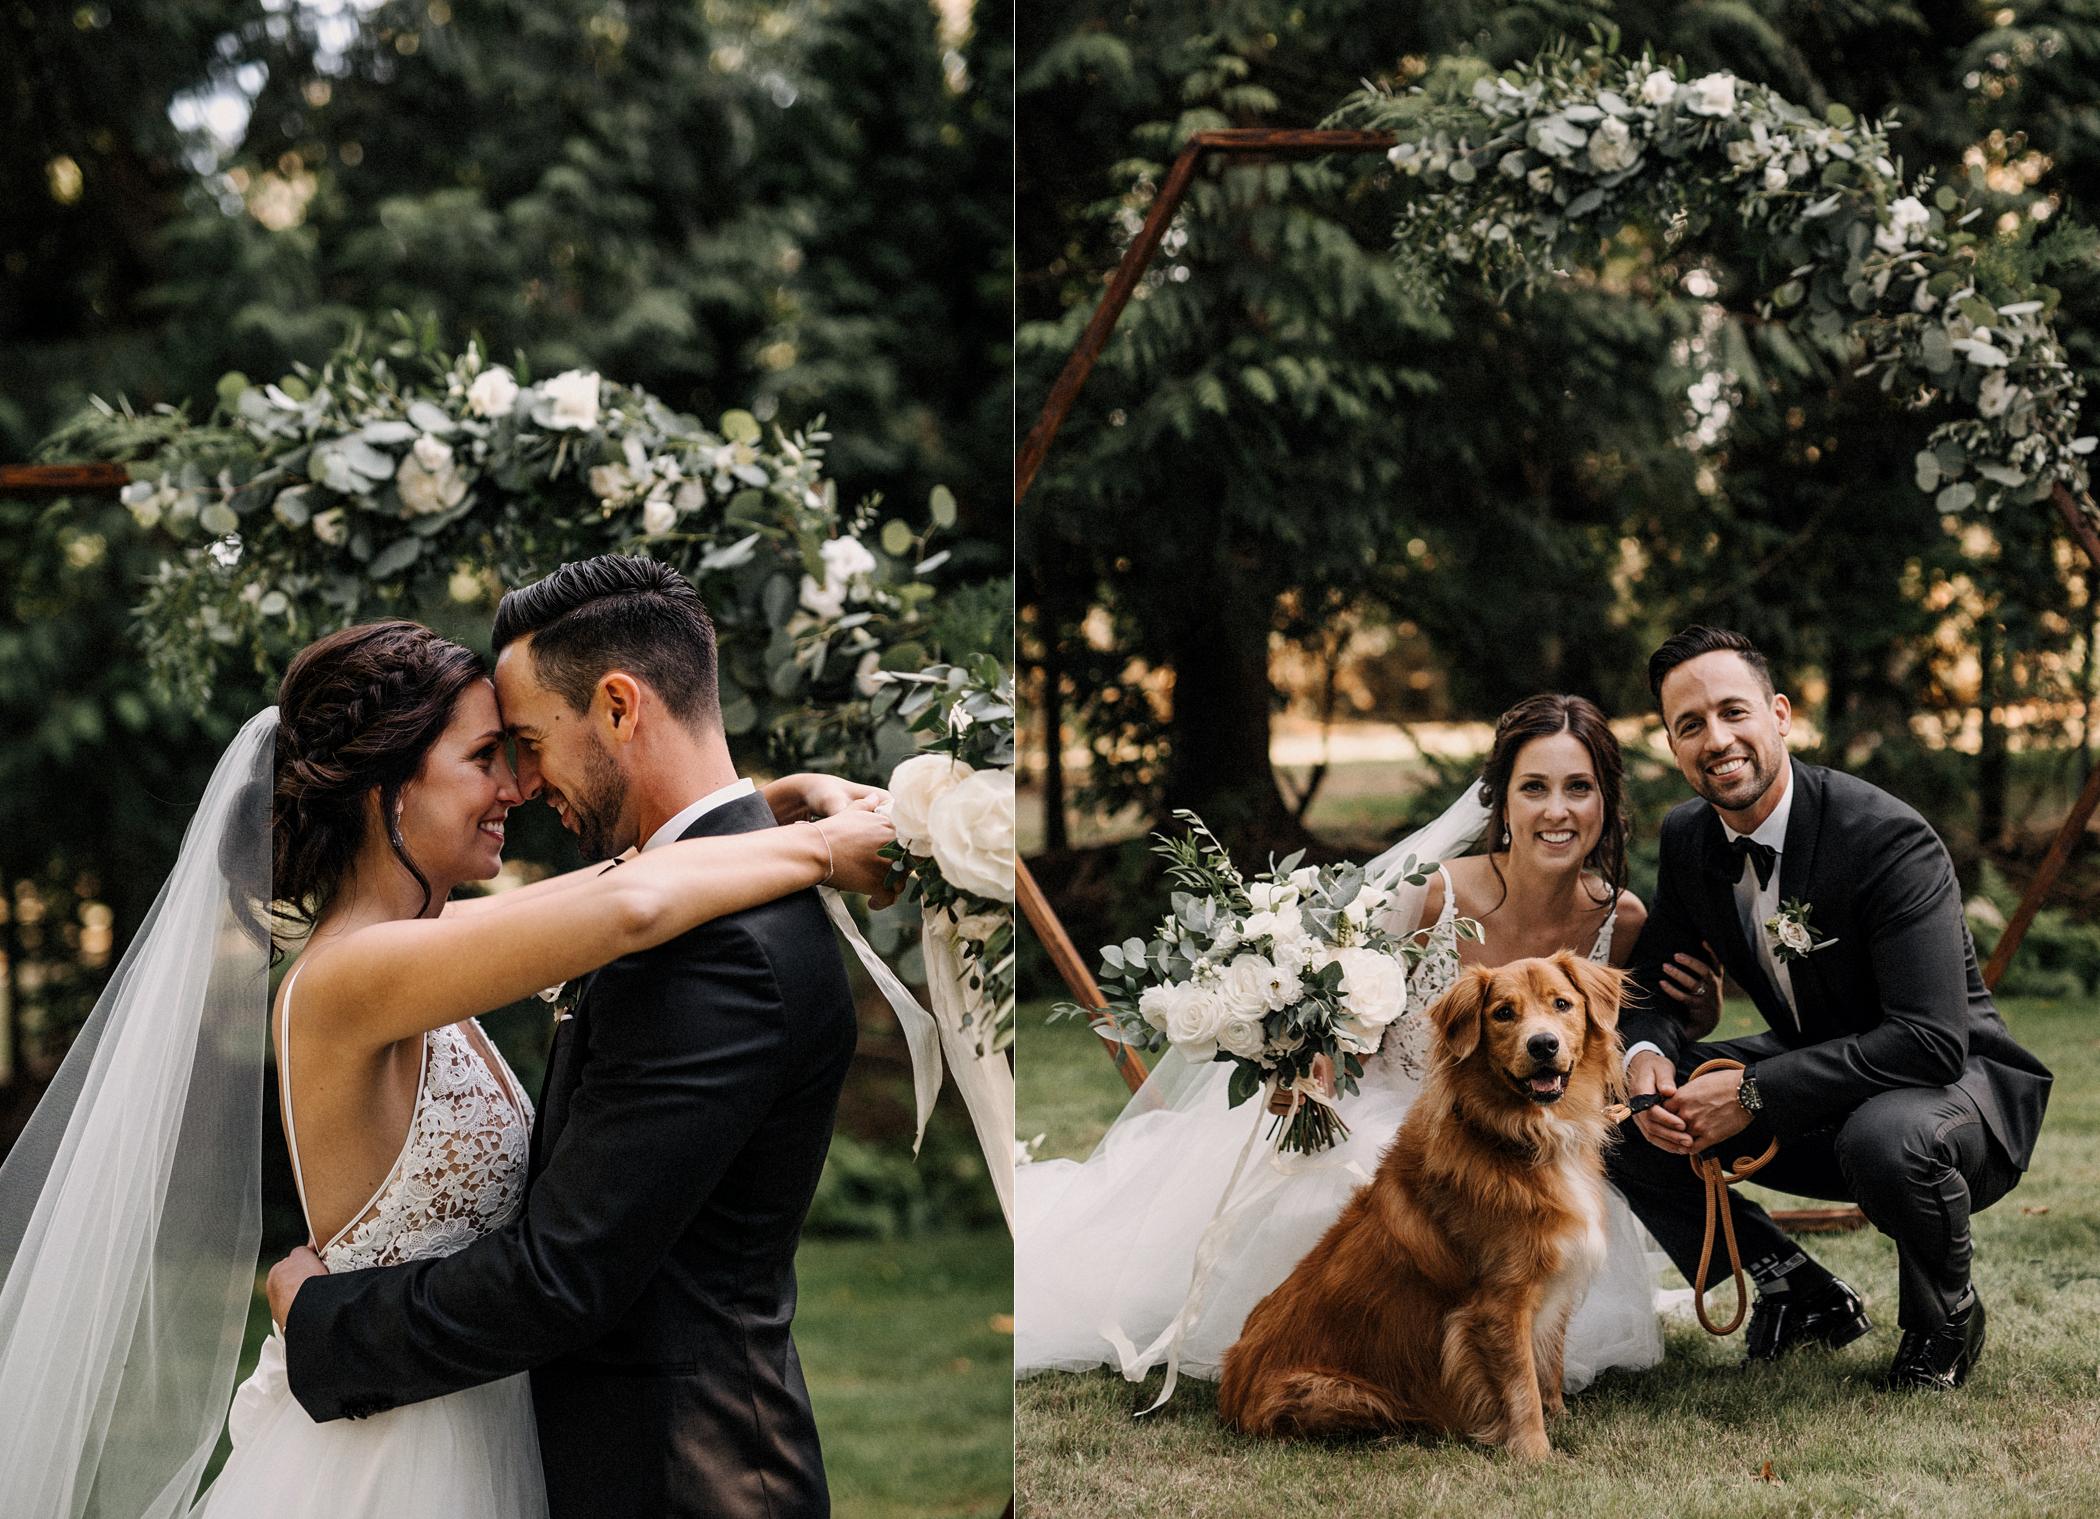 046-kaoverii-silva-KR-wedding-vancouver-photography-blog.png